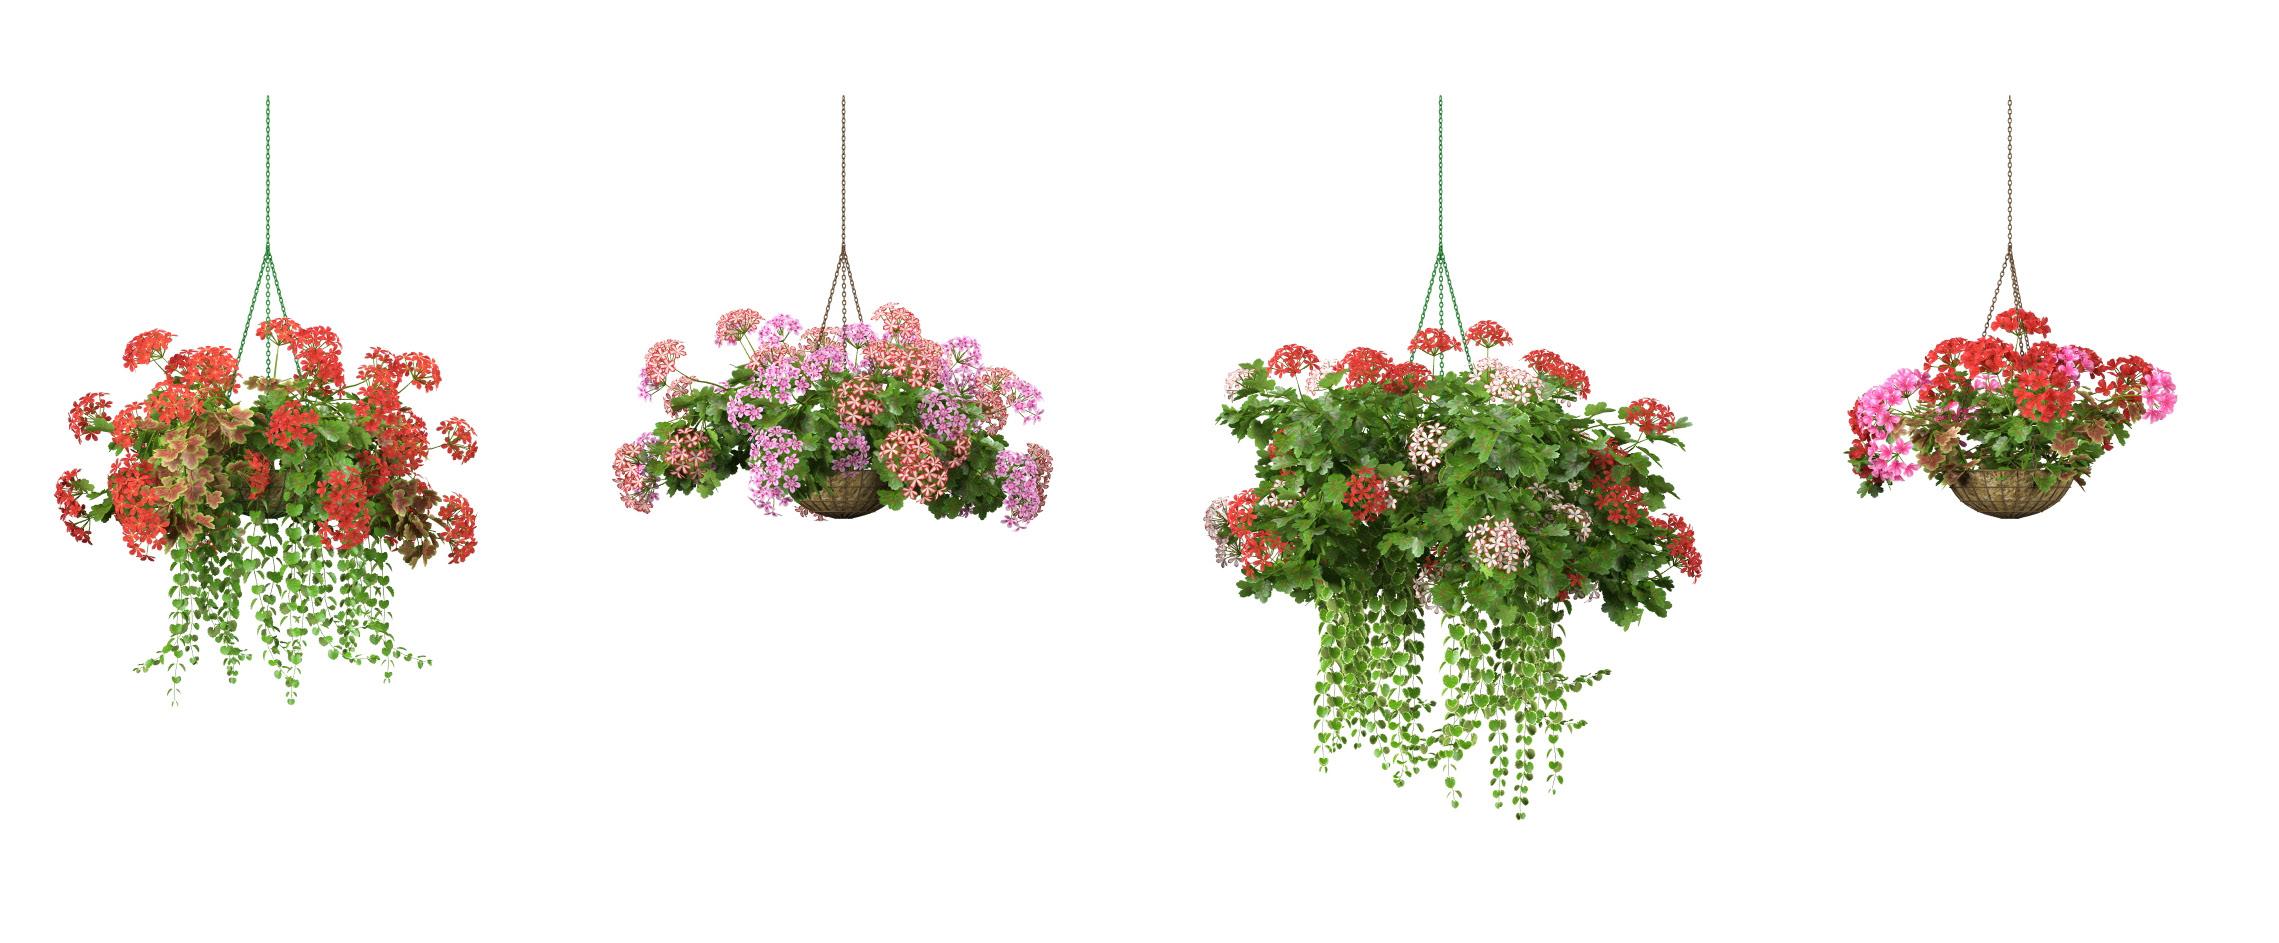 RANDOM MODELS – PRO MODELS 326 – FLOWER MODELS